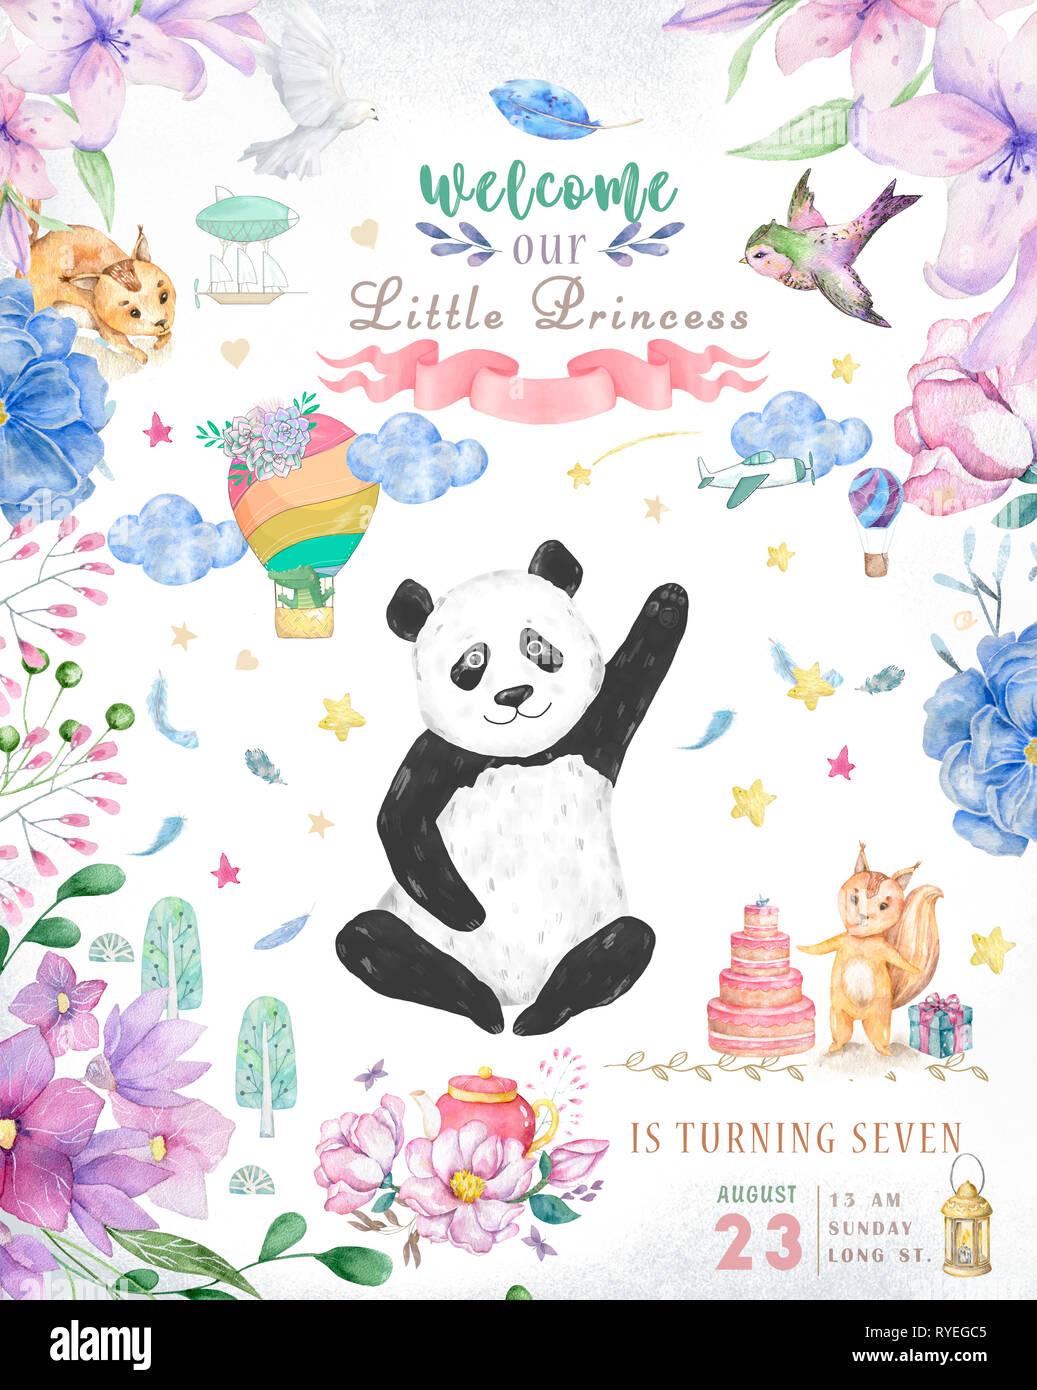 Happy Birthday Card Design Mit Niedlichen Pandabar Und Boho Blumen Blumenstrausse Abbildung Aquarell Clip Art Fur Grusskarte